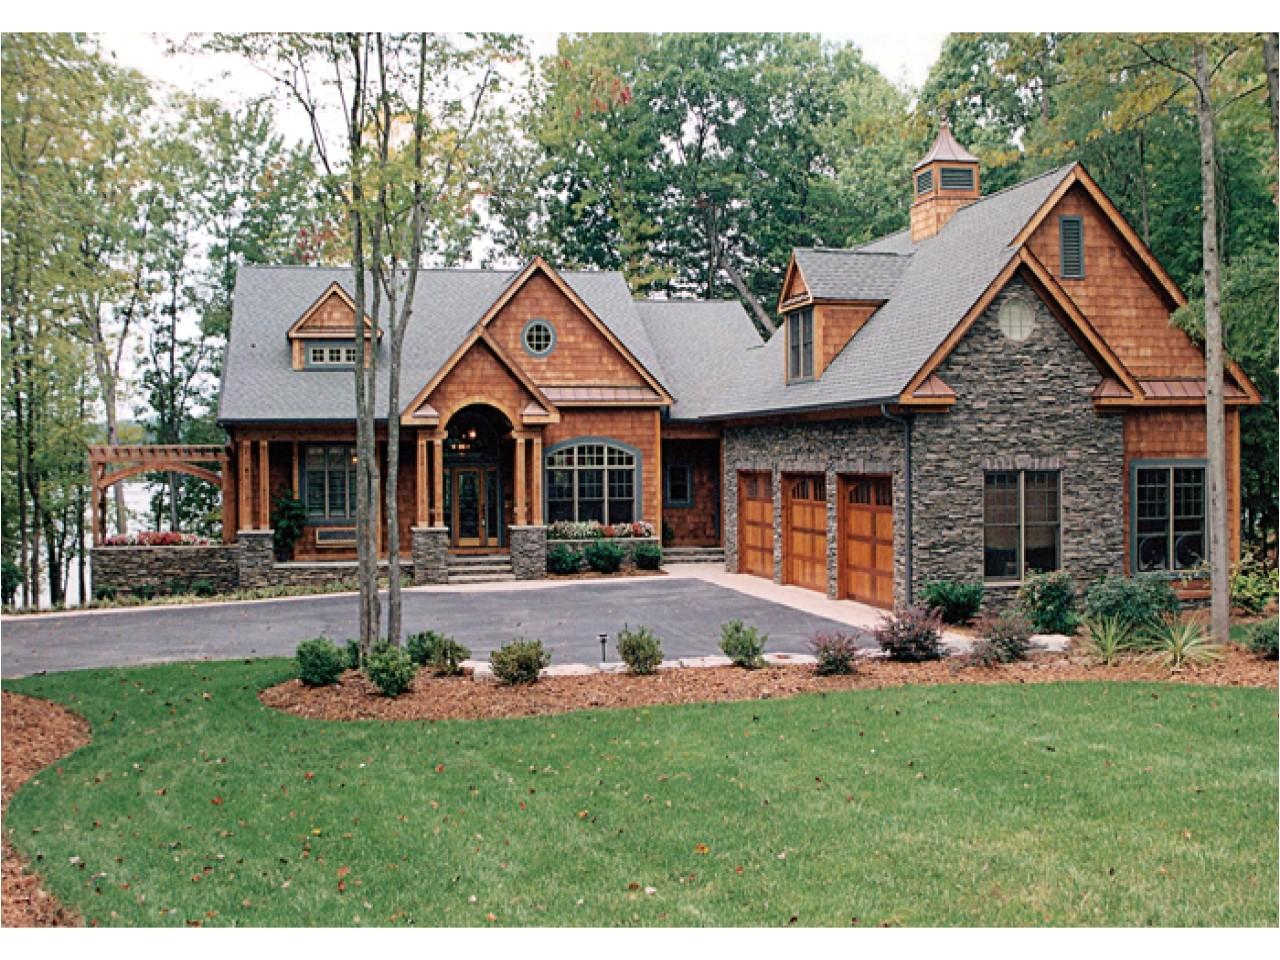 d72d67e10c2b7a6f craftsman house plans lake homes view plans lake house